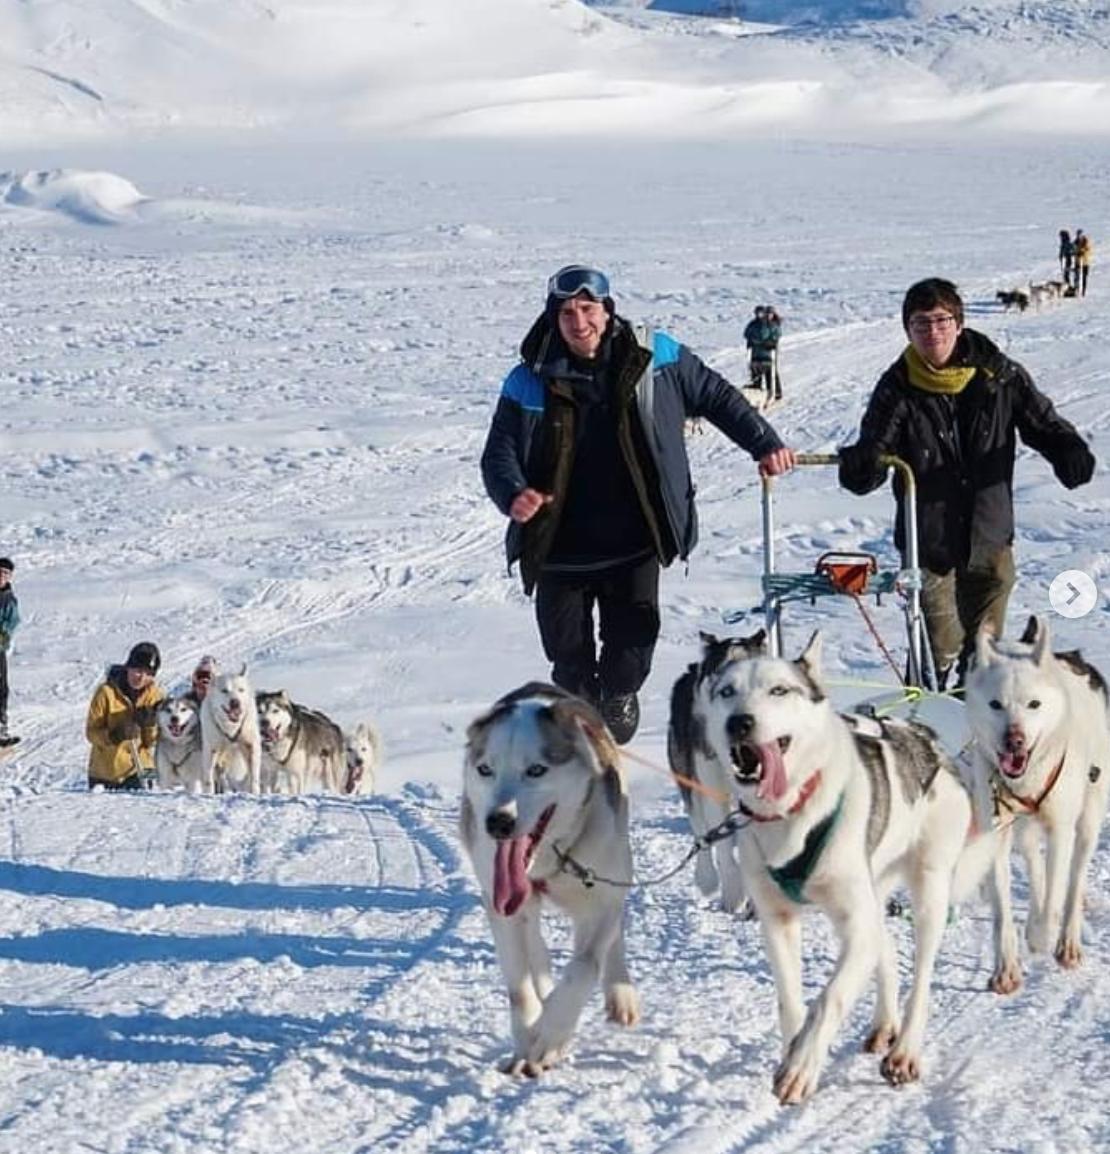 Et bilde som inneholder hund, snø, transport, utendørs  Automatisk generert beskrivelse